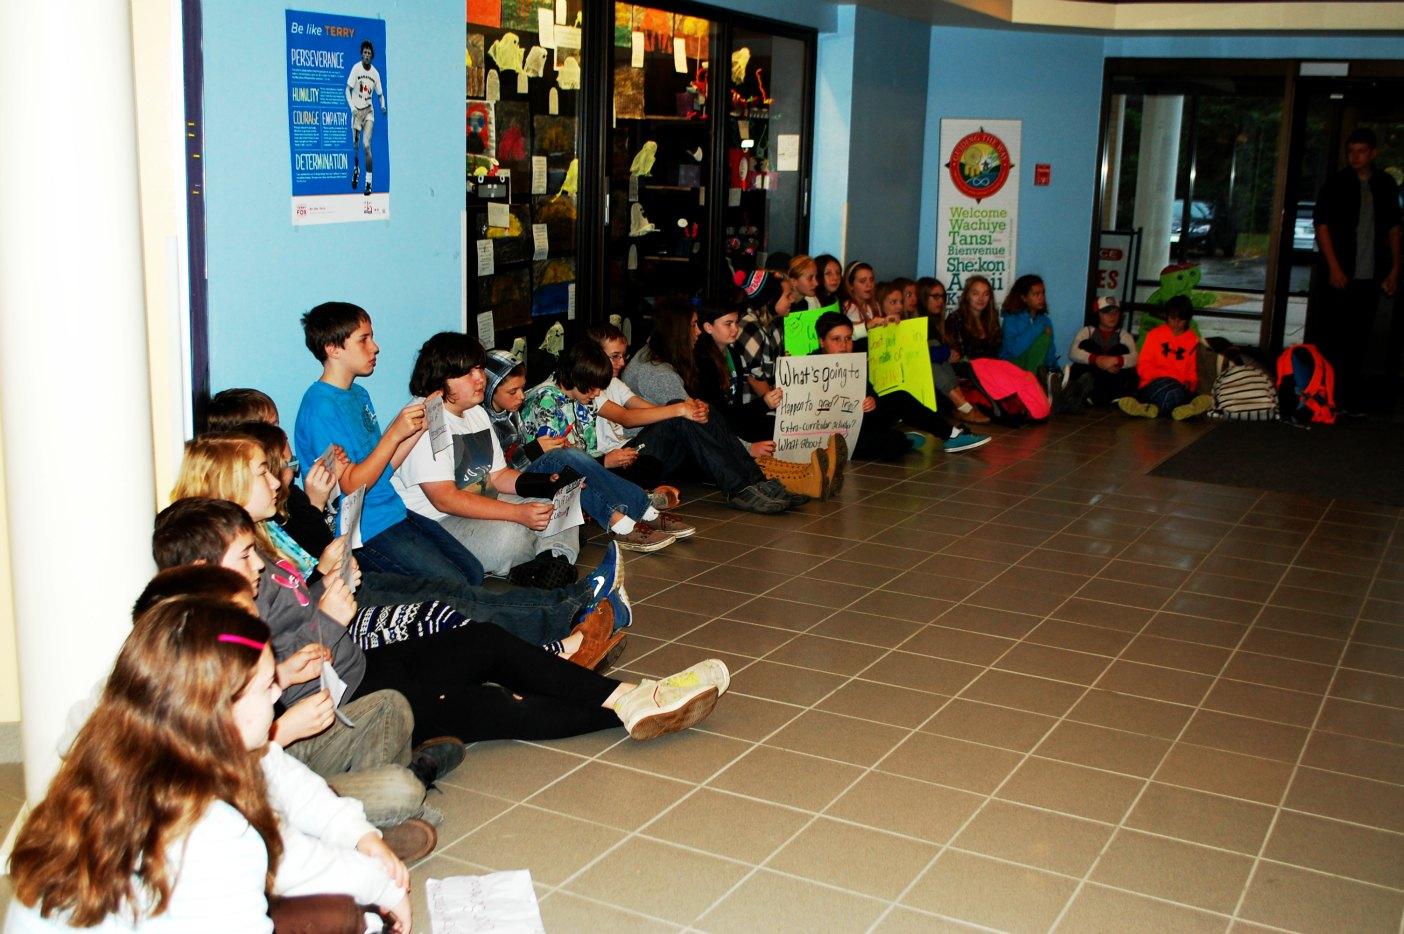 Pine Glen Public School intermediate students hold a peaceful sit-in in the school lobby